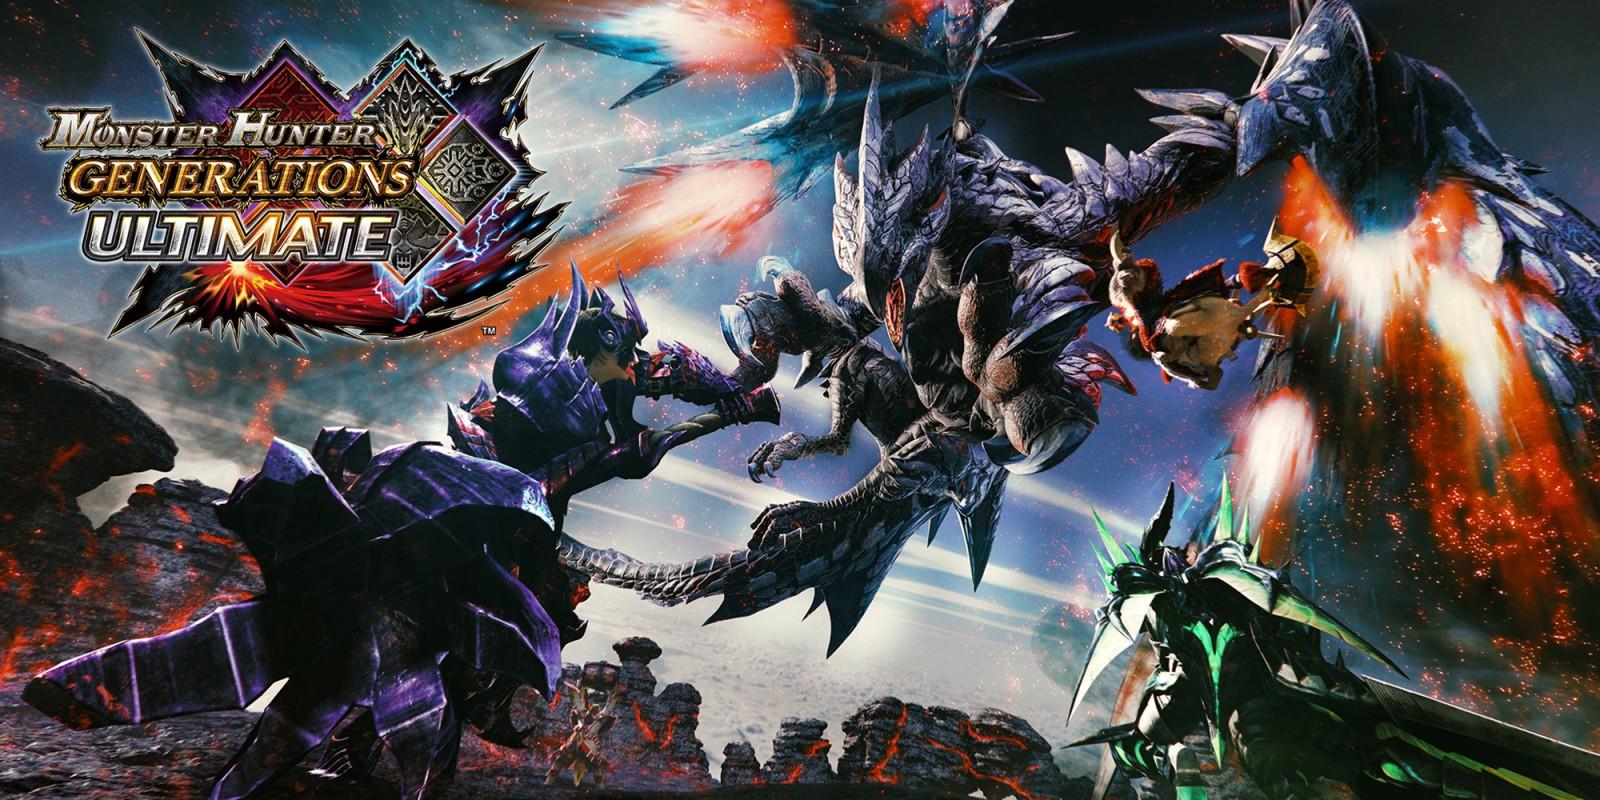 Monster Hunter Generations Ultimate já vendeu 3.1 milhões de unidades em todo o mundo